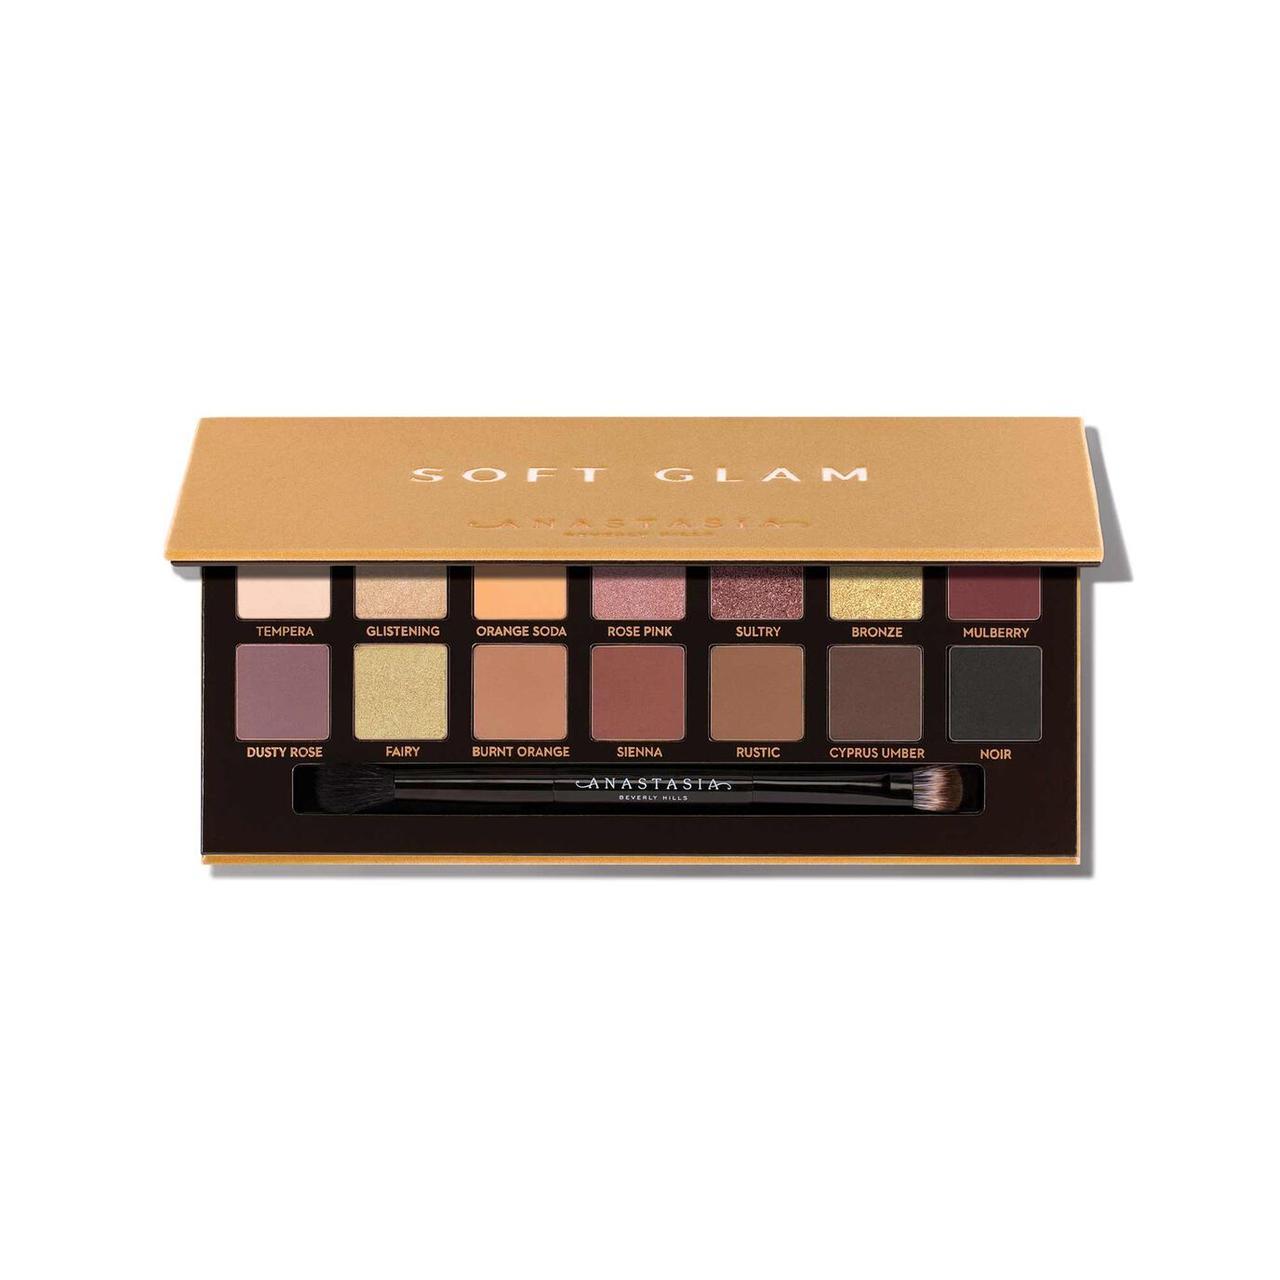 Палетка тіней Anastasia Beverly Hills Soft Glam Eyeshadow Palette